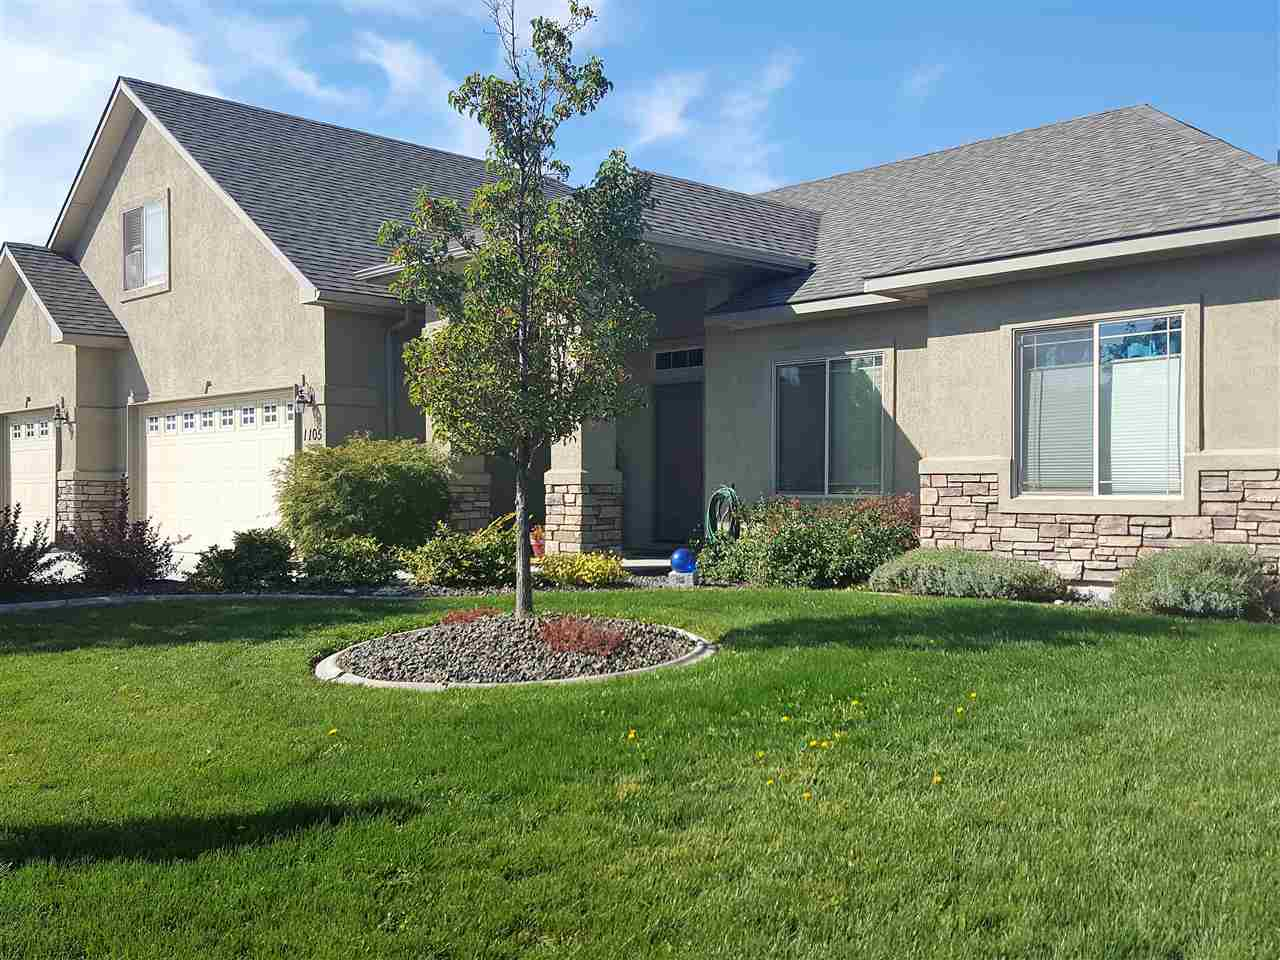 Maison unifamiliale pour l Vente à 1105 Regency, Emmett Emmett, Idaho, 83617 États-Unis